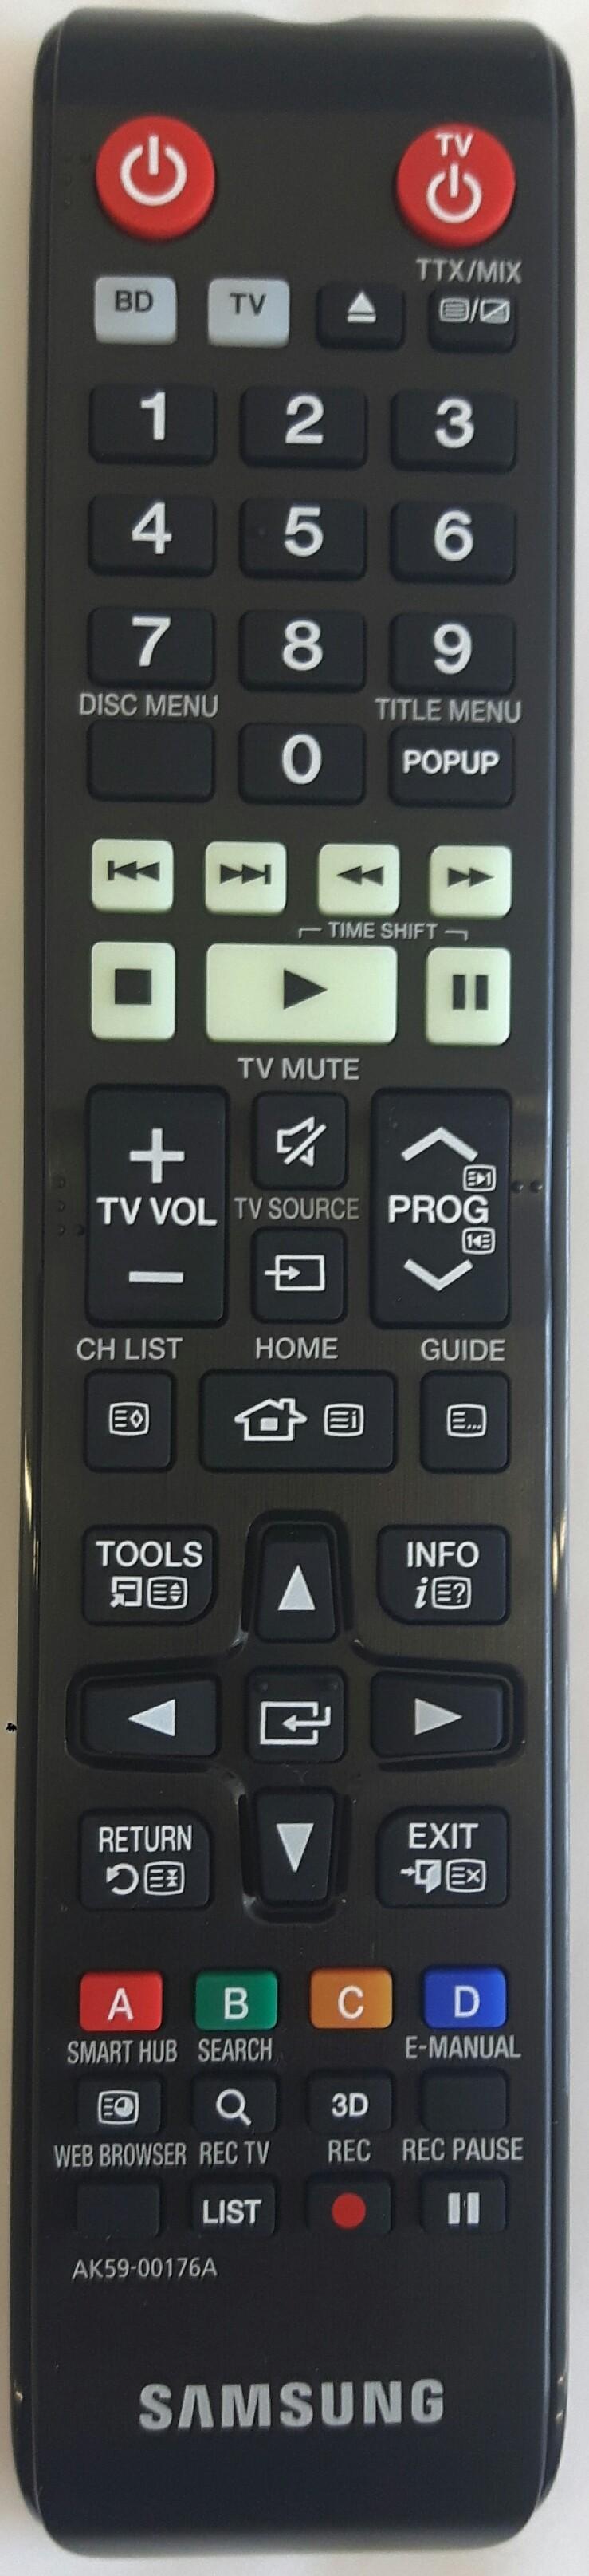 SAMSUNG BD-H8500M Remote Control Original